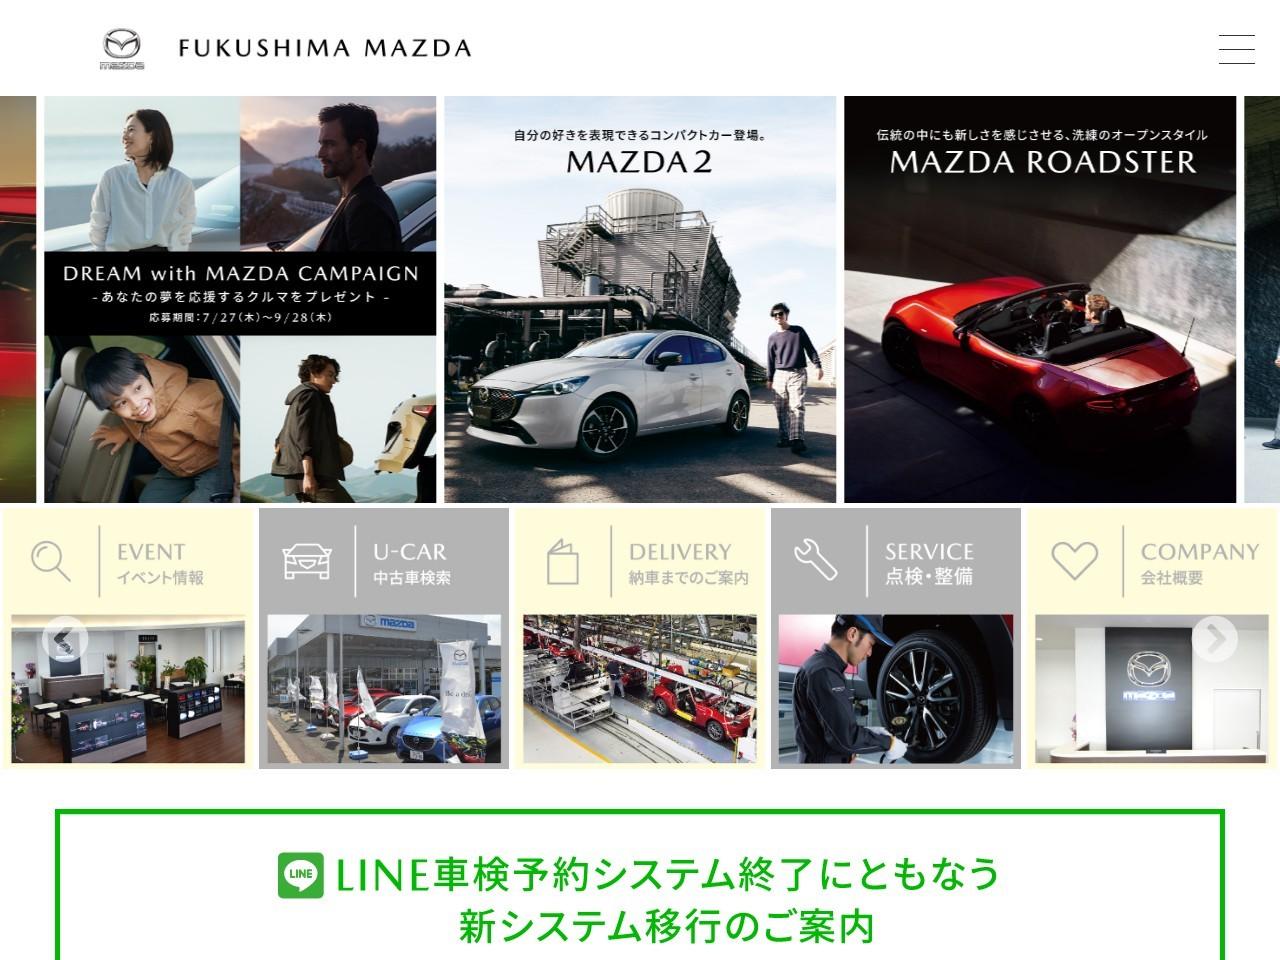 株式会社福島マツダ/本社